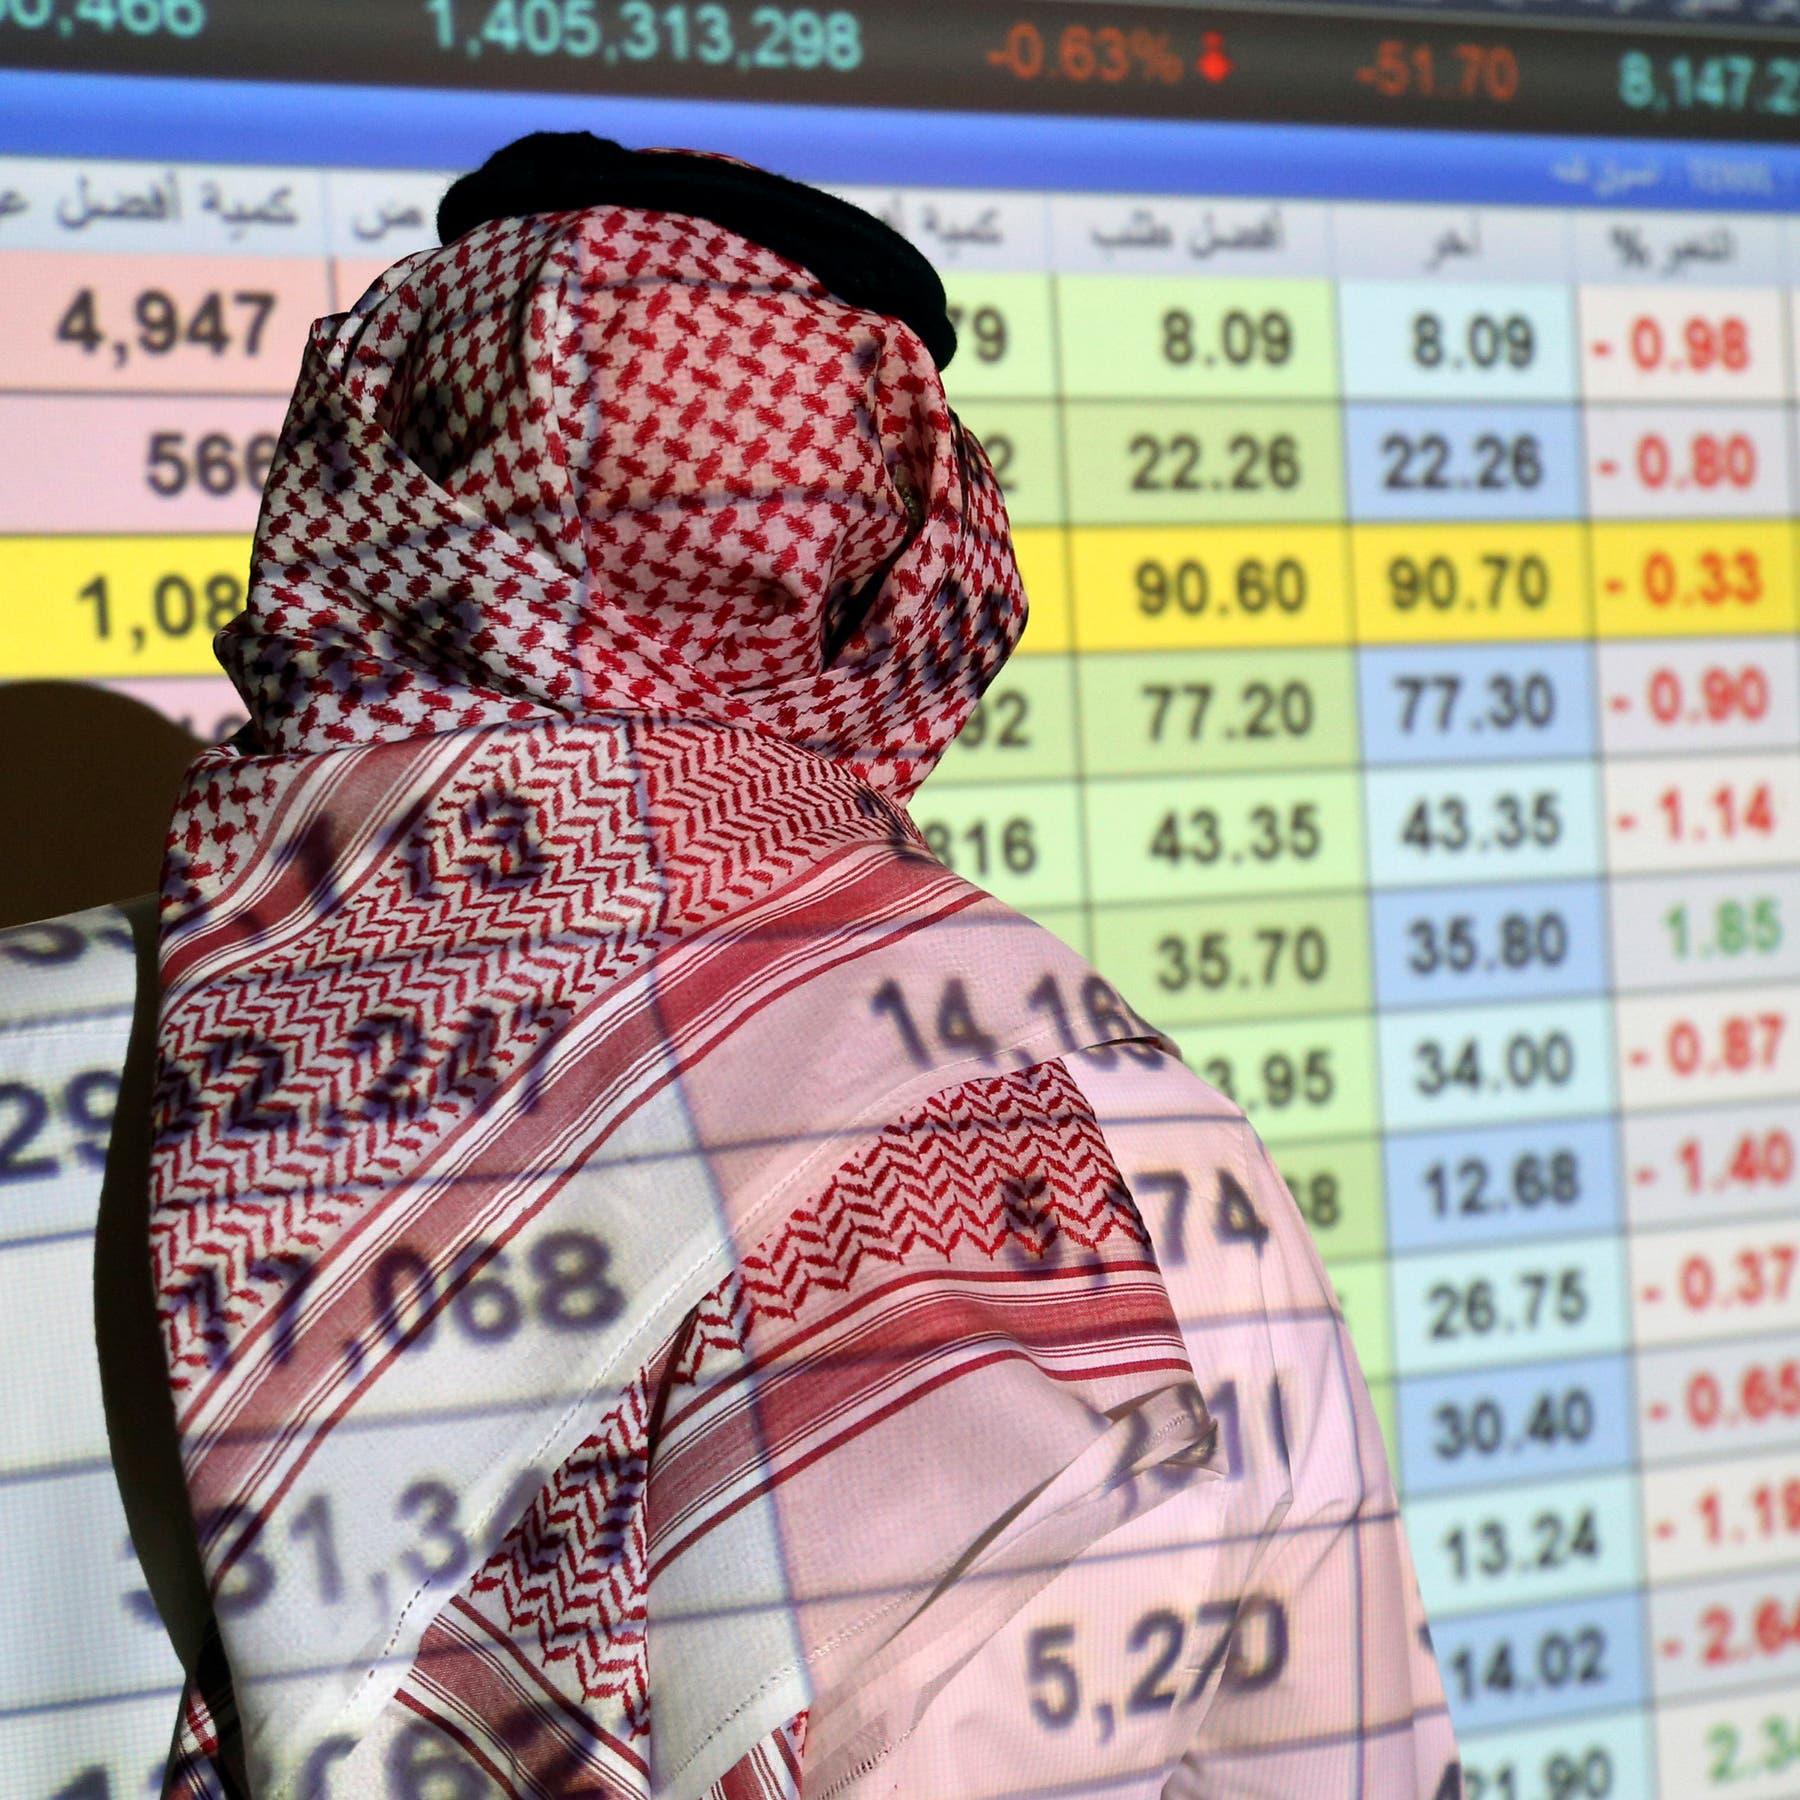 مؤشر سوق السعودية يغلق فوق 10547 نقطة.. أعلى مستوى في 7 سنوات